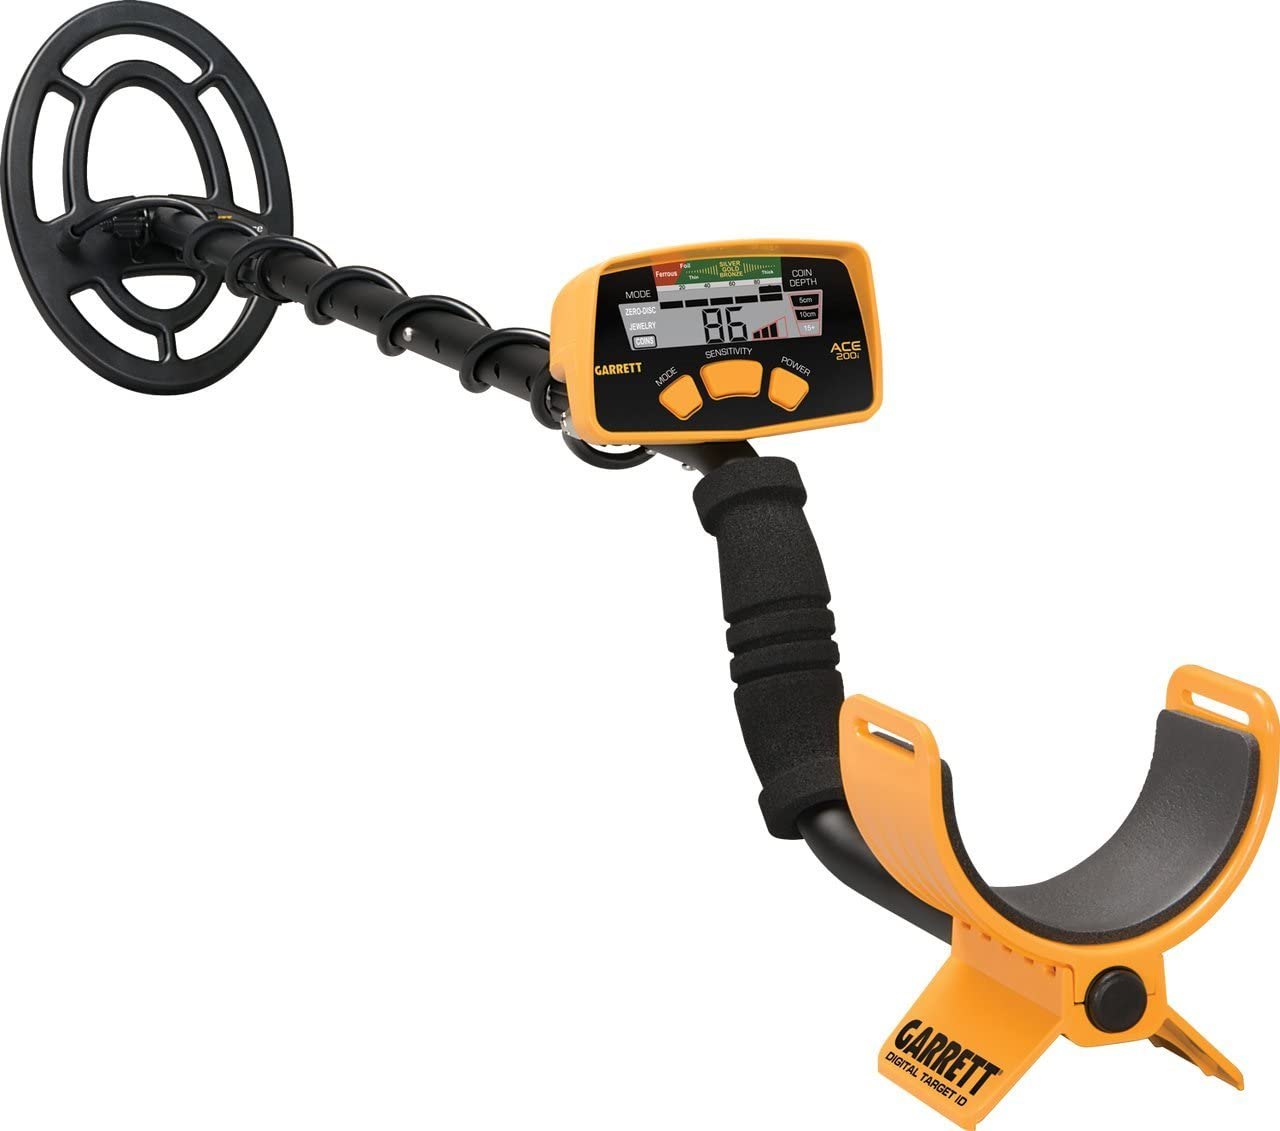 GARRETT ACE 200i - Detector de metales: Amazon.es: Bricolaje y herramientas